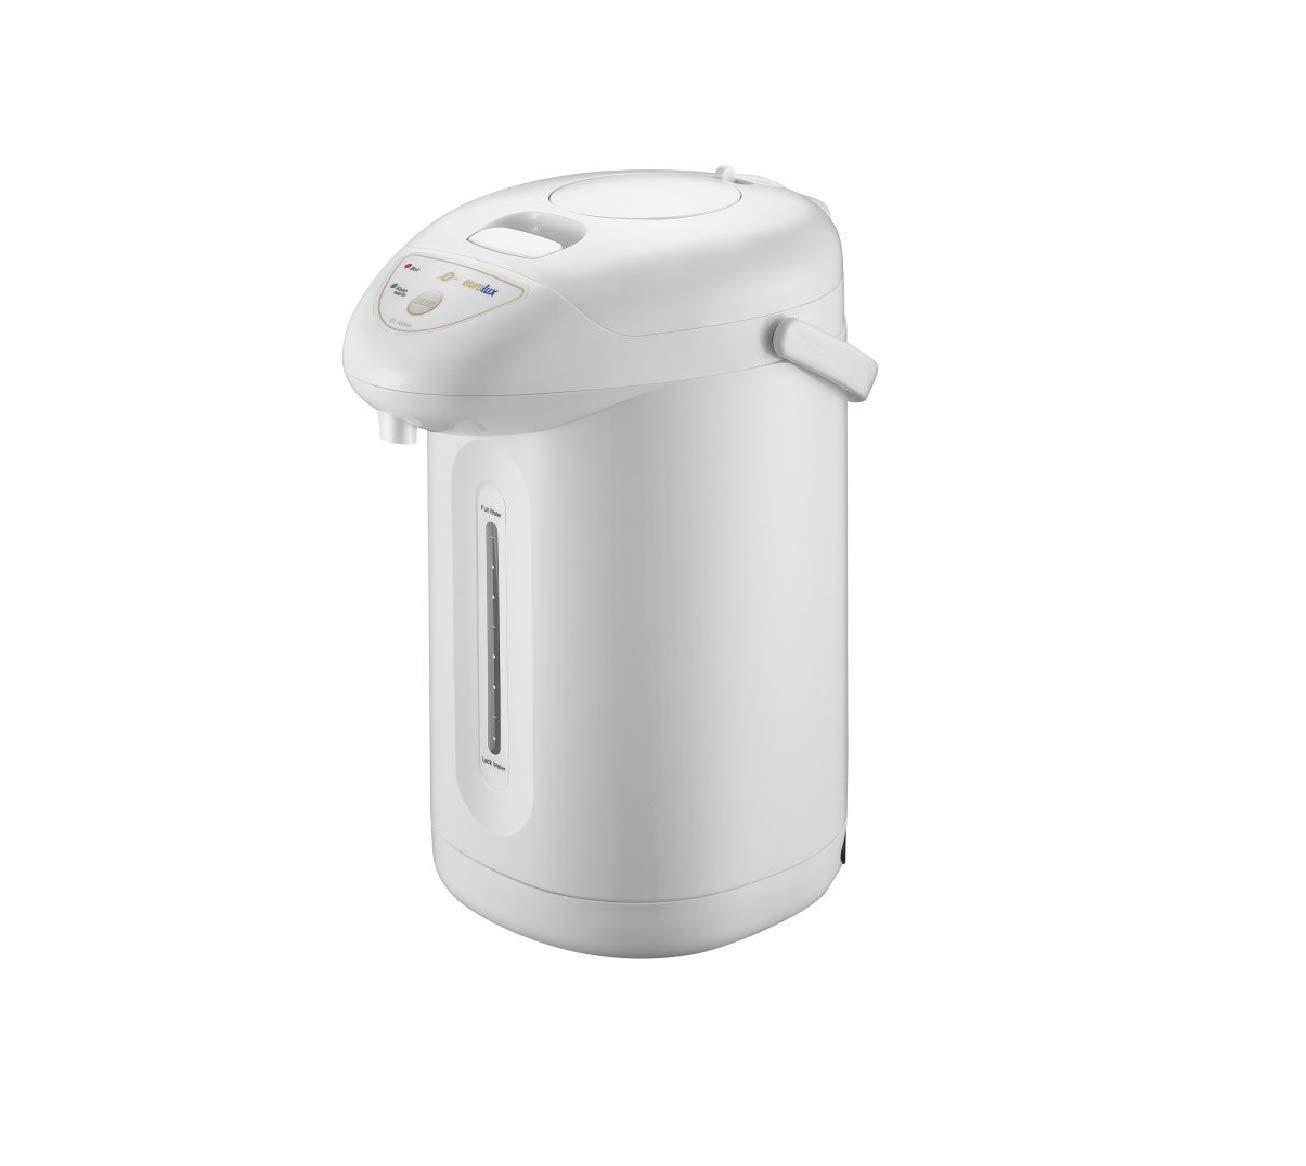 Eurolux EL5003W 5 Quart Hot Pot with Reboil Feature & Manual Pump